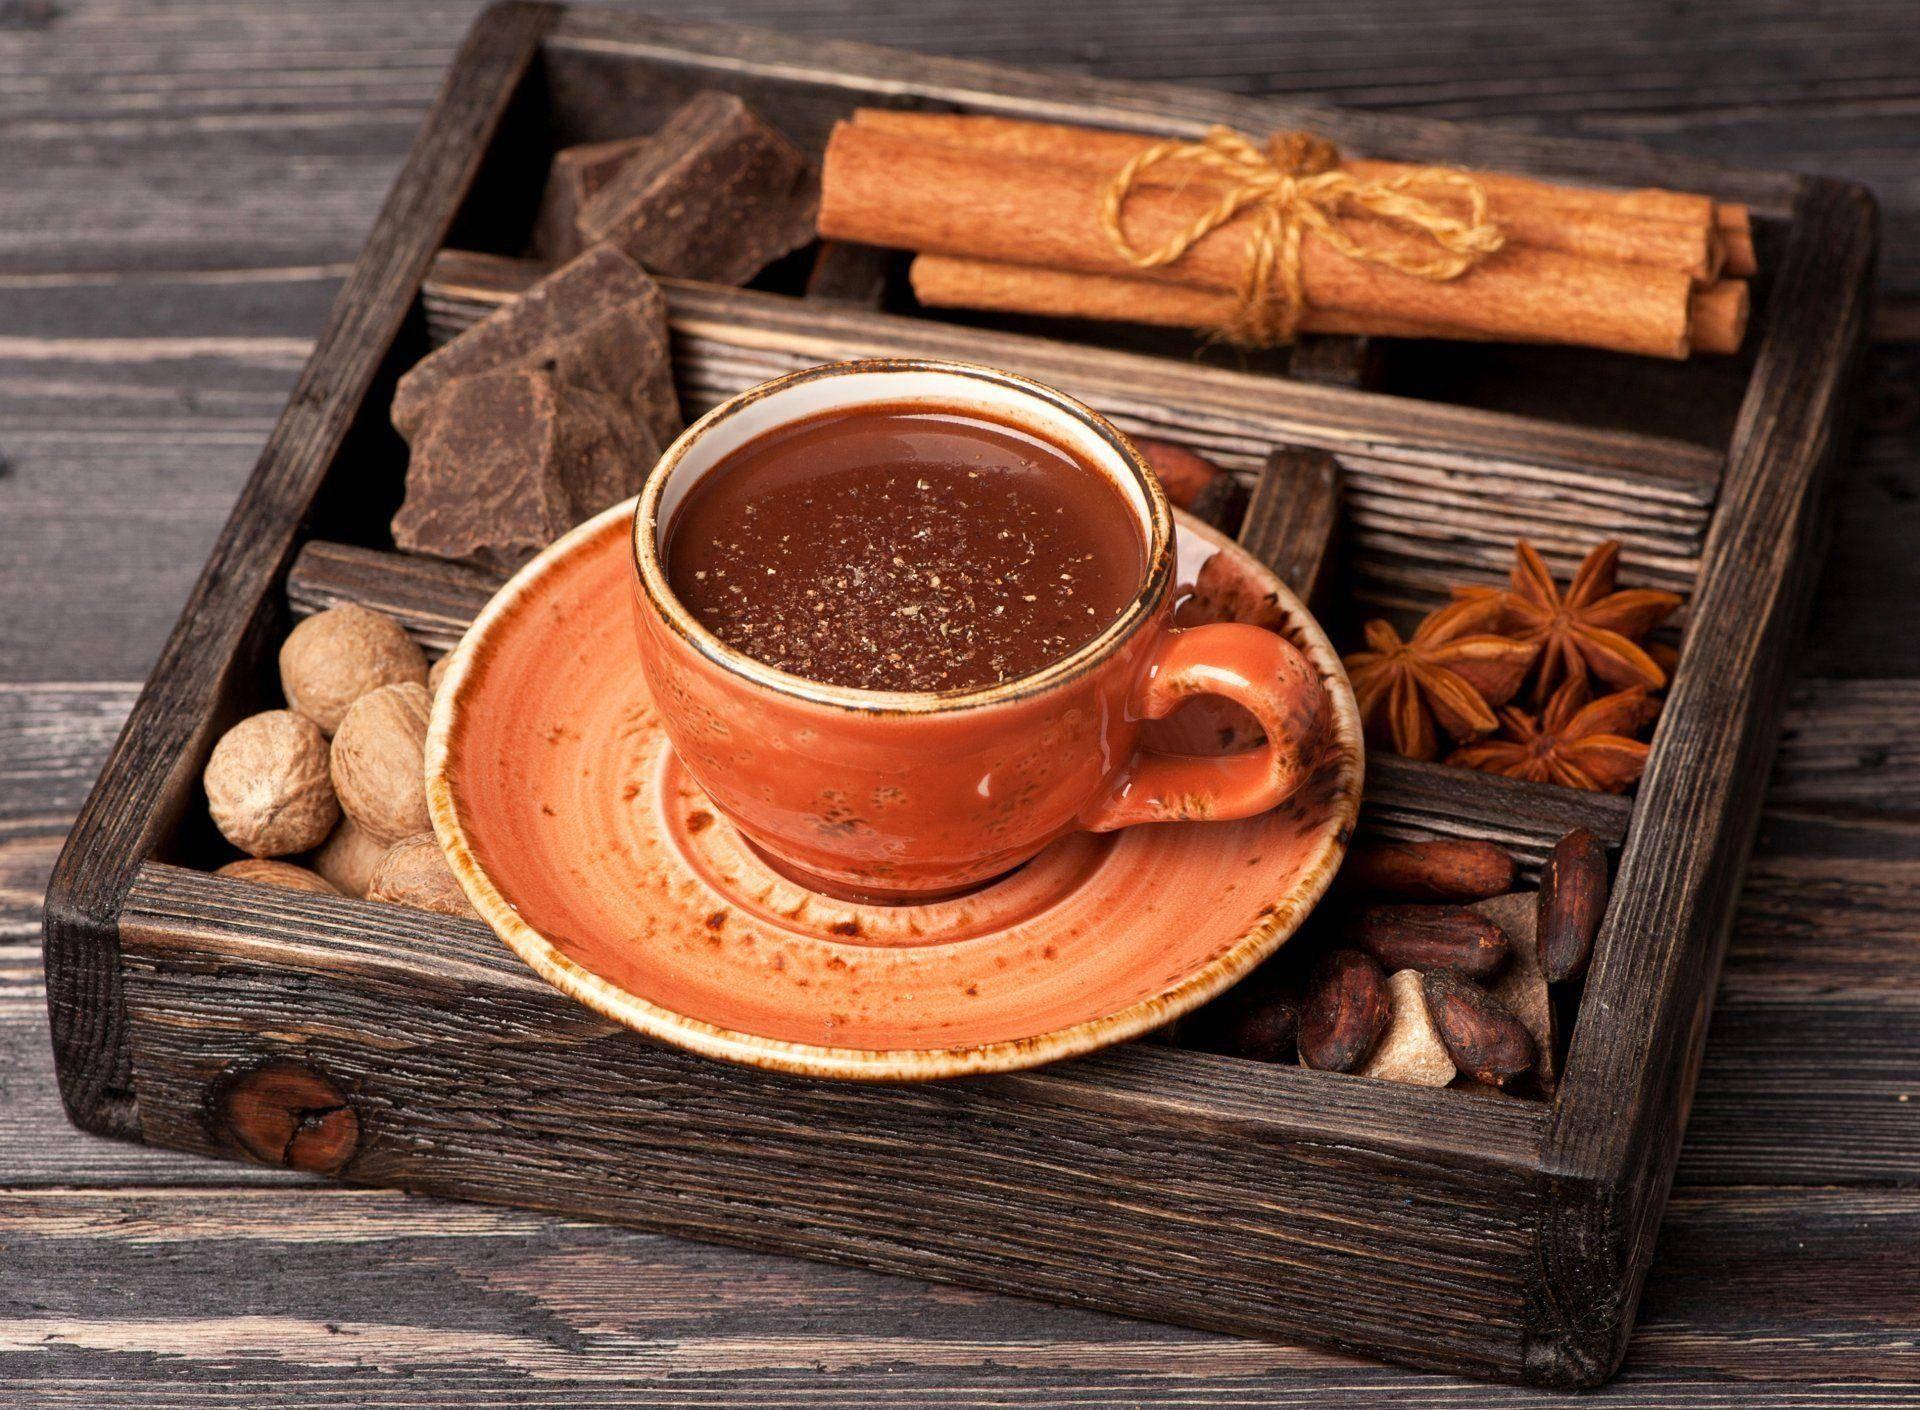 Специи для кофе: какие приправы добавляют в кофе специи для кофе: какие приправы добавляют в кофе